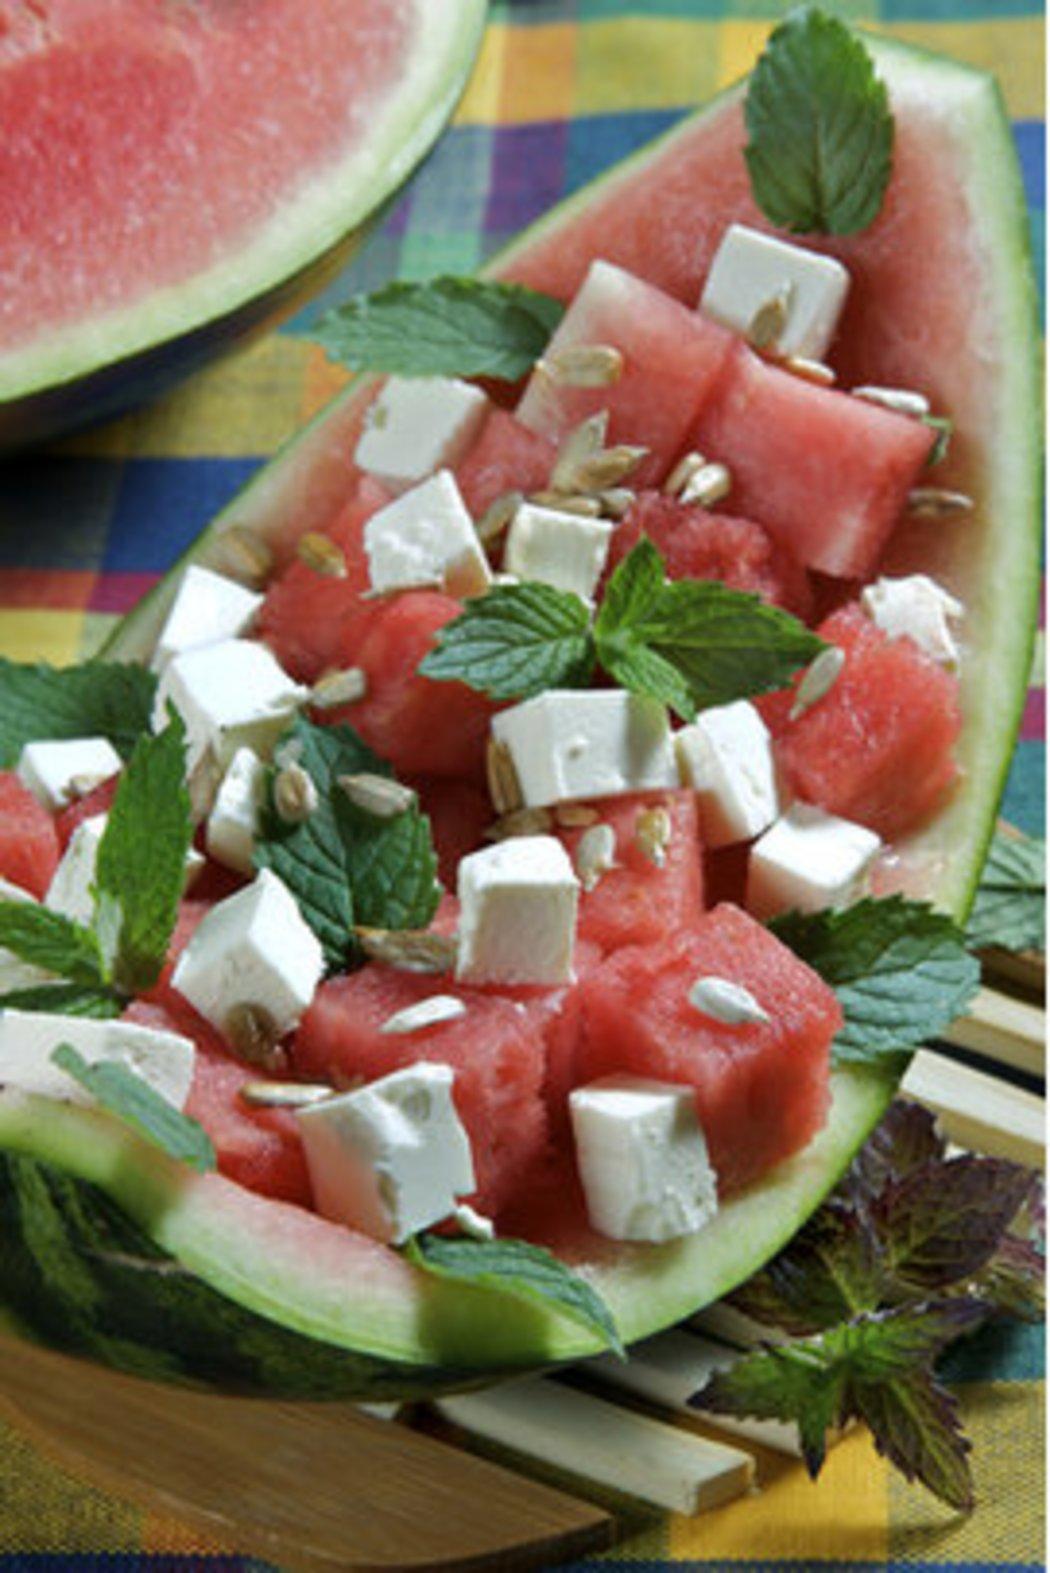 Blickfang Abnehmen Mit Wassermelone Beste Wahl Rezepte Für Einen Leichten Salat Melone